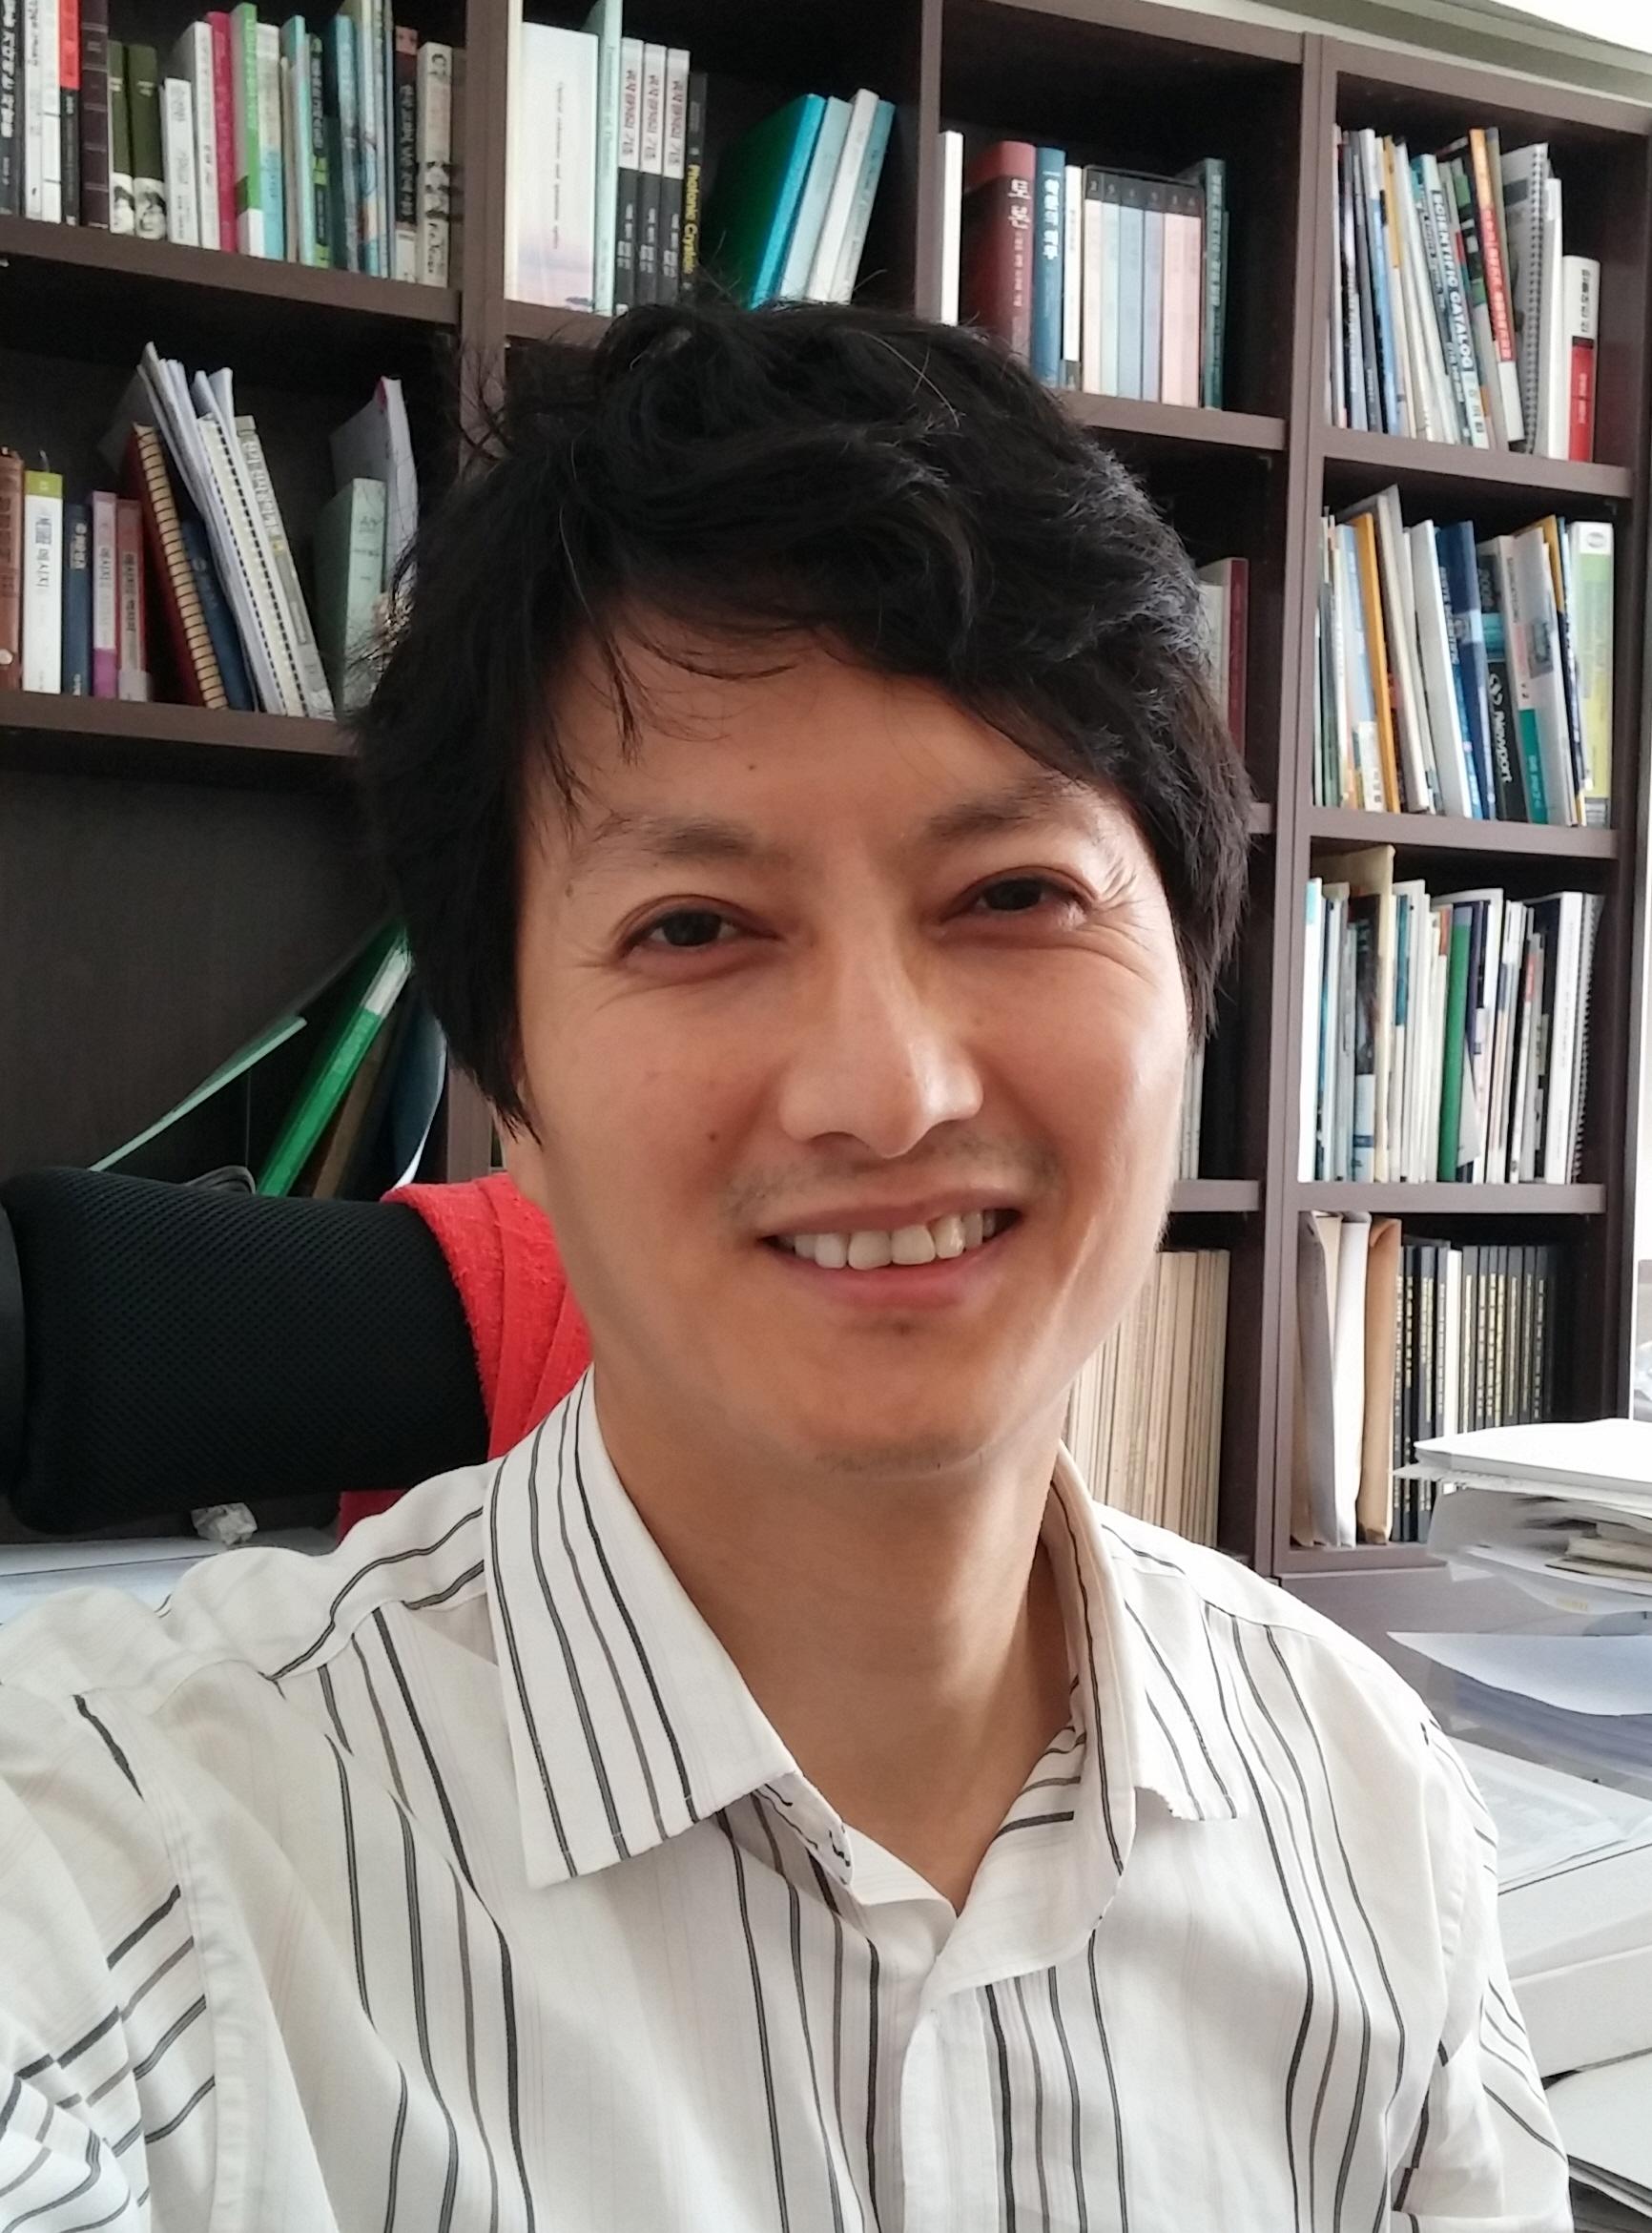 황인각 교수 사진